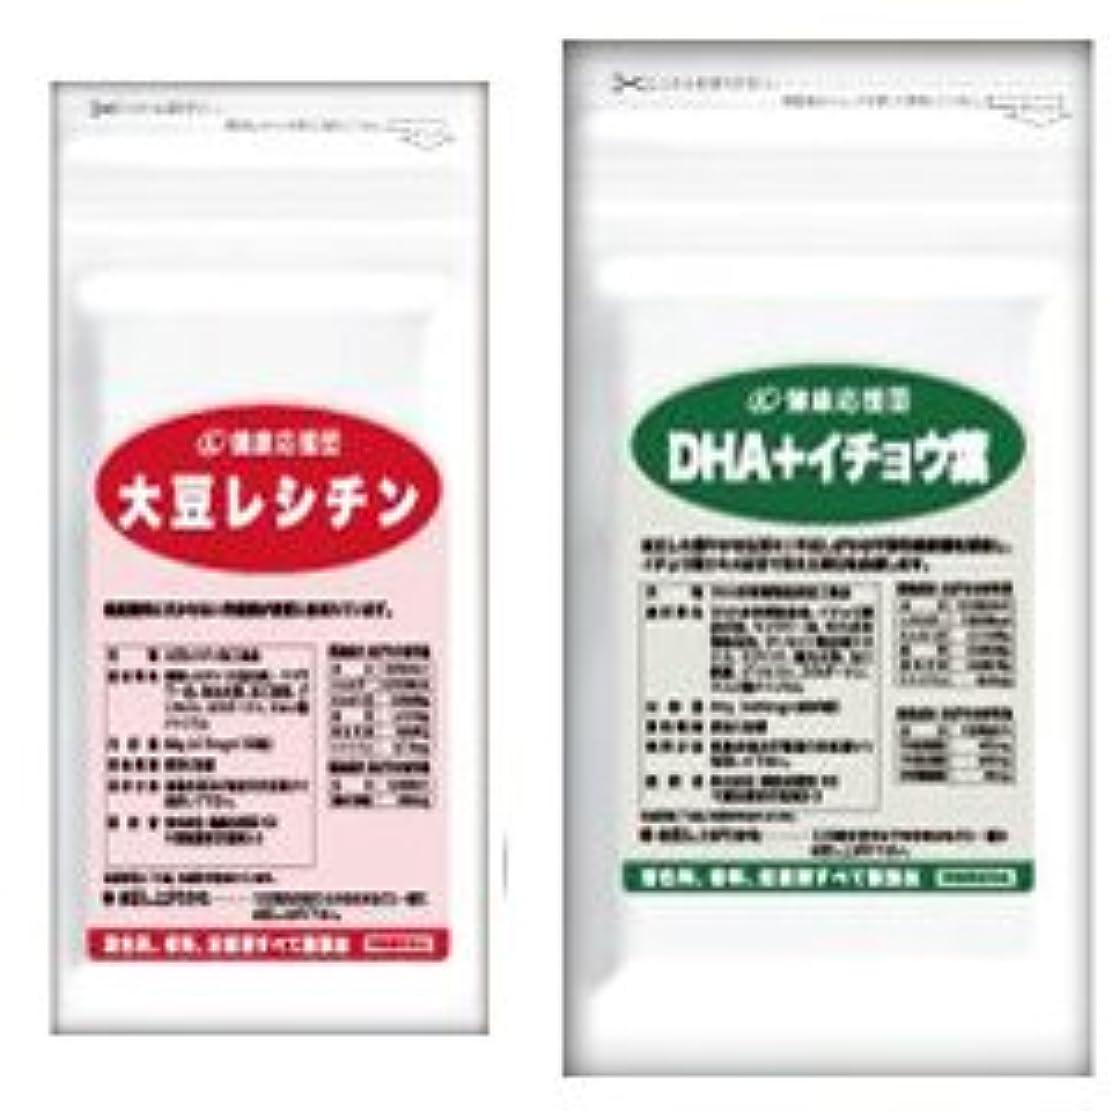 封筒衛星修羅場流れサラサラセット 大豆レシチン+(DHA?EPA+イチョウ葉) お徳用12か月分